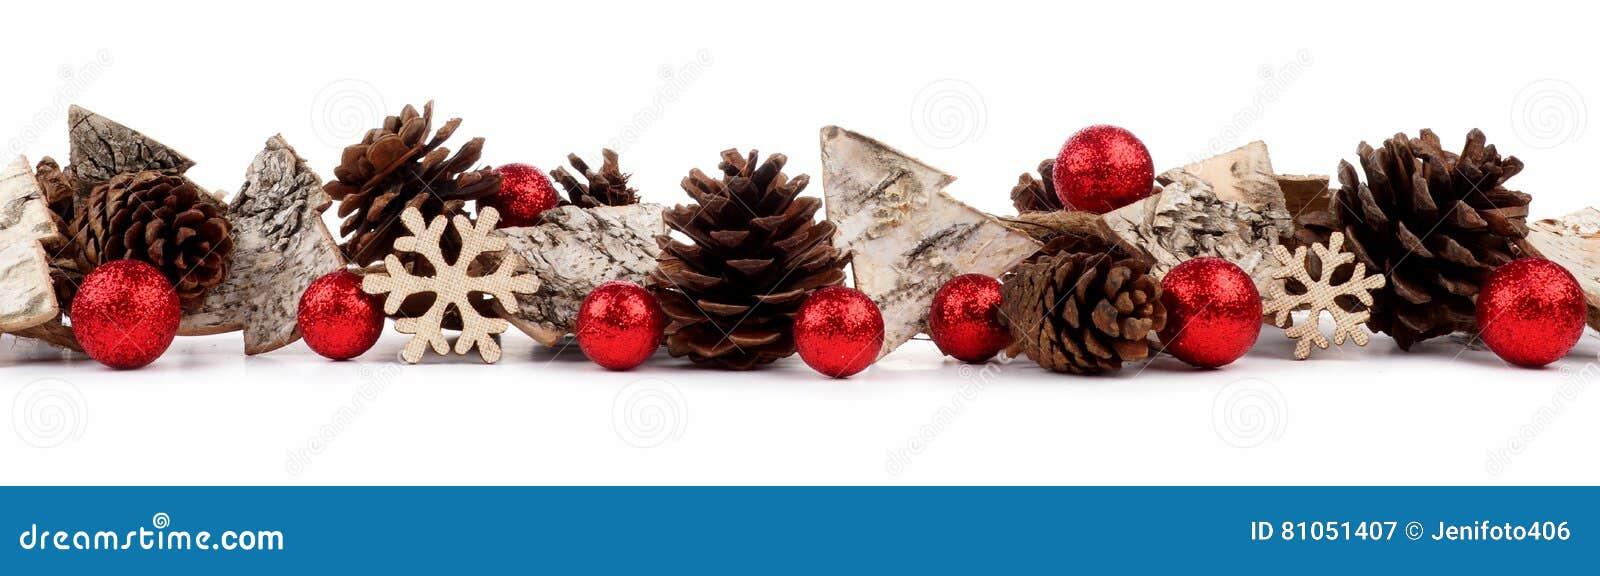 Jul gränsar med lantliga wood trädprydnader, struntsaker och sörjer kottar som isoleras över vit